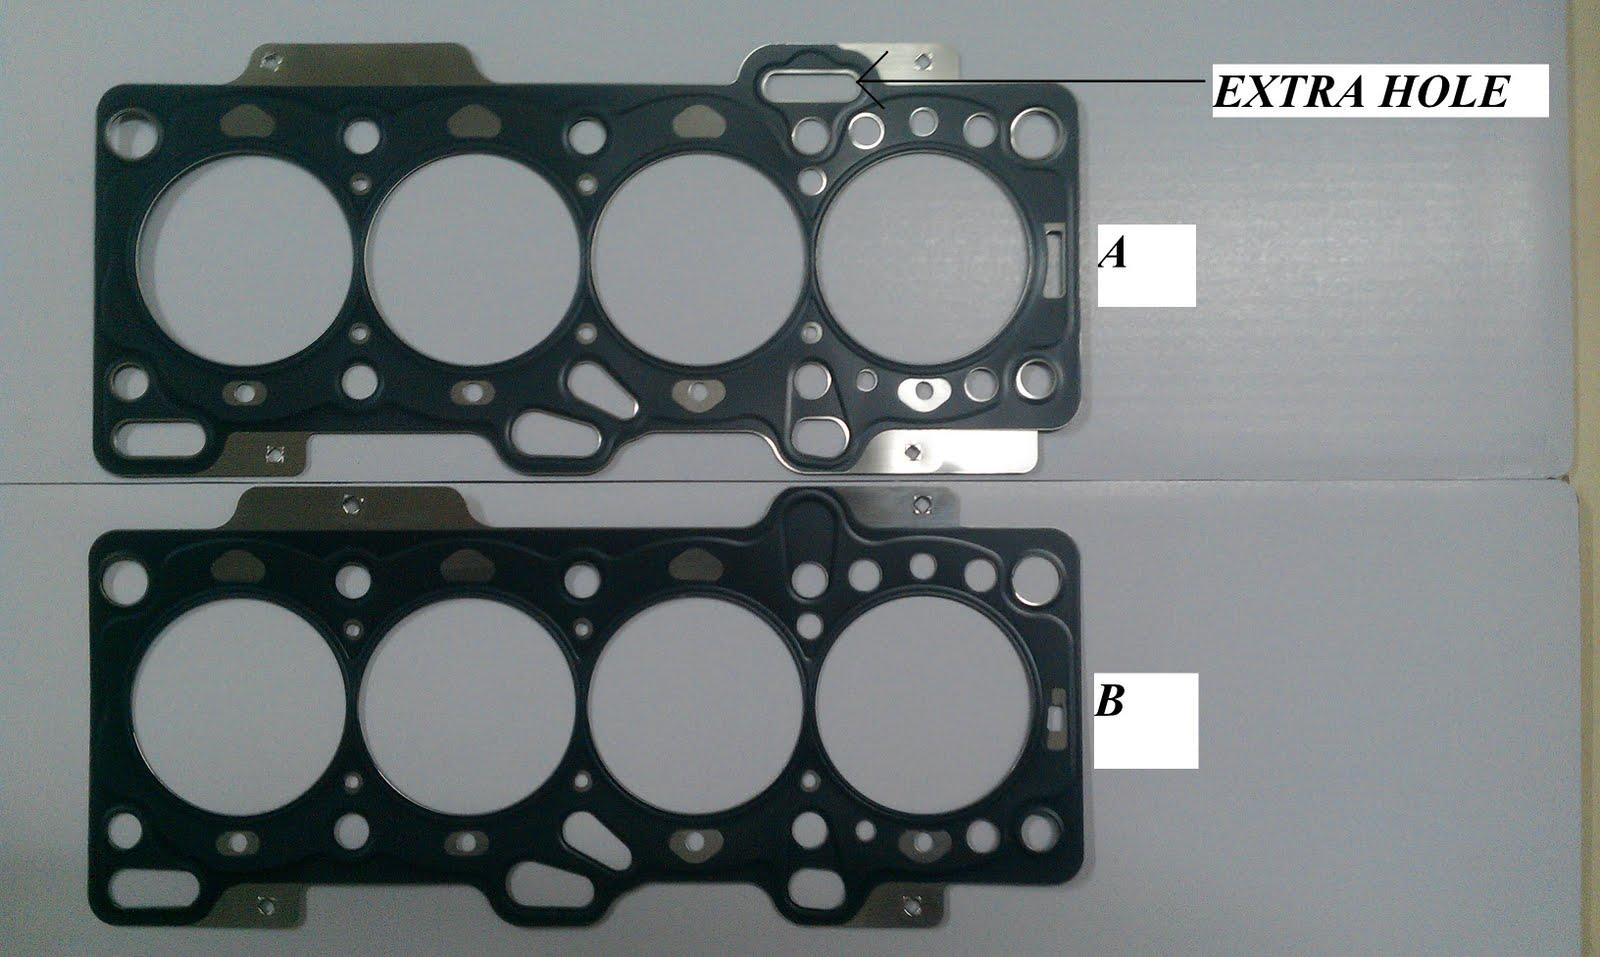 hyundai ato 1997 engine diagram [ 1600 x 957 Pixel ]